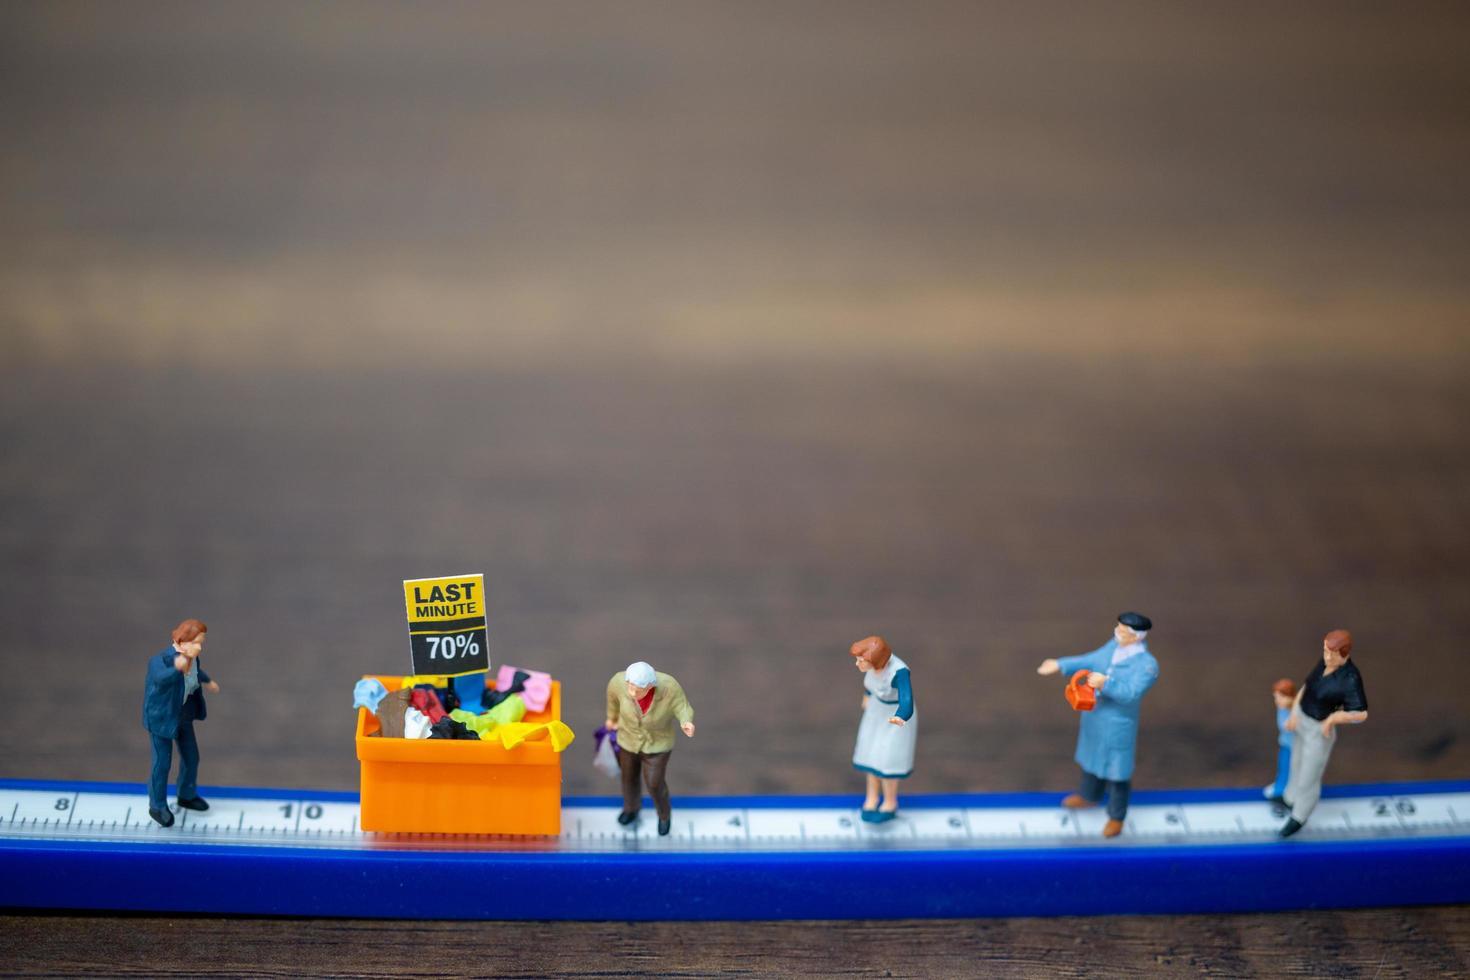 Gente en miniatura manteniendo distancia en un centro comercial foto